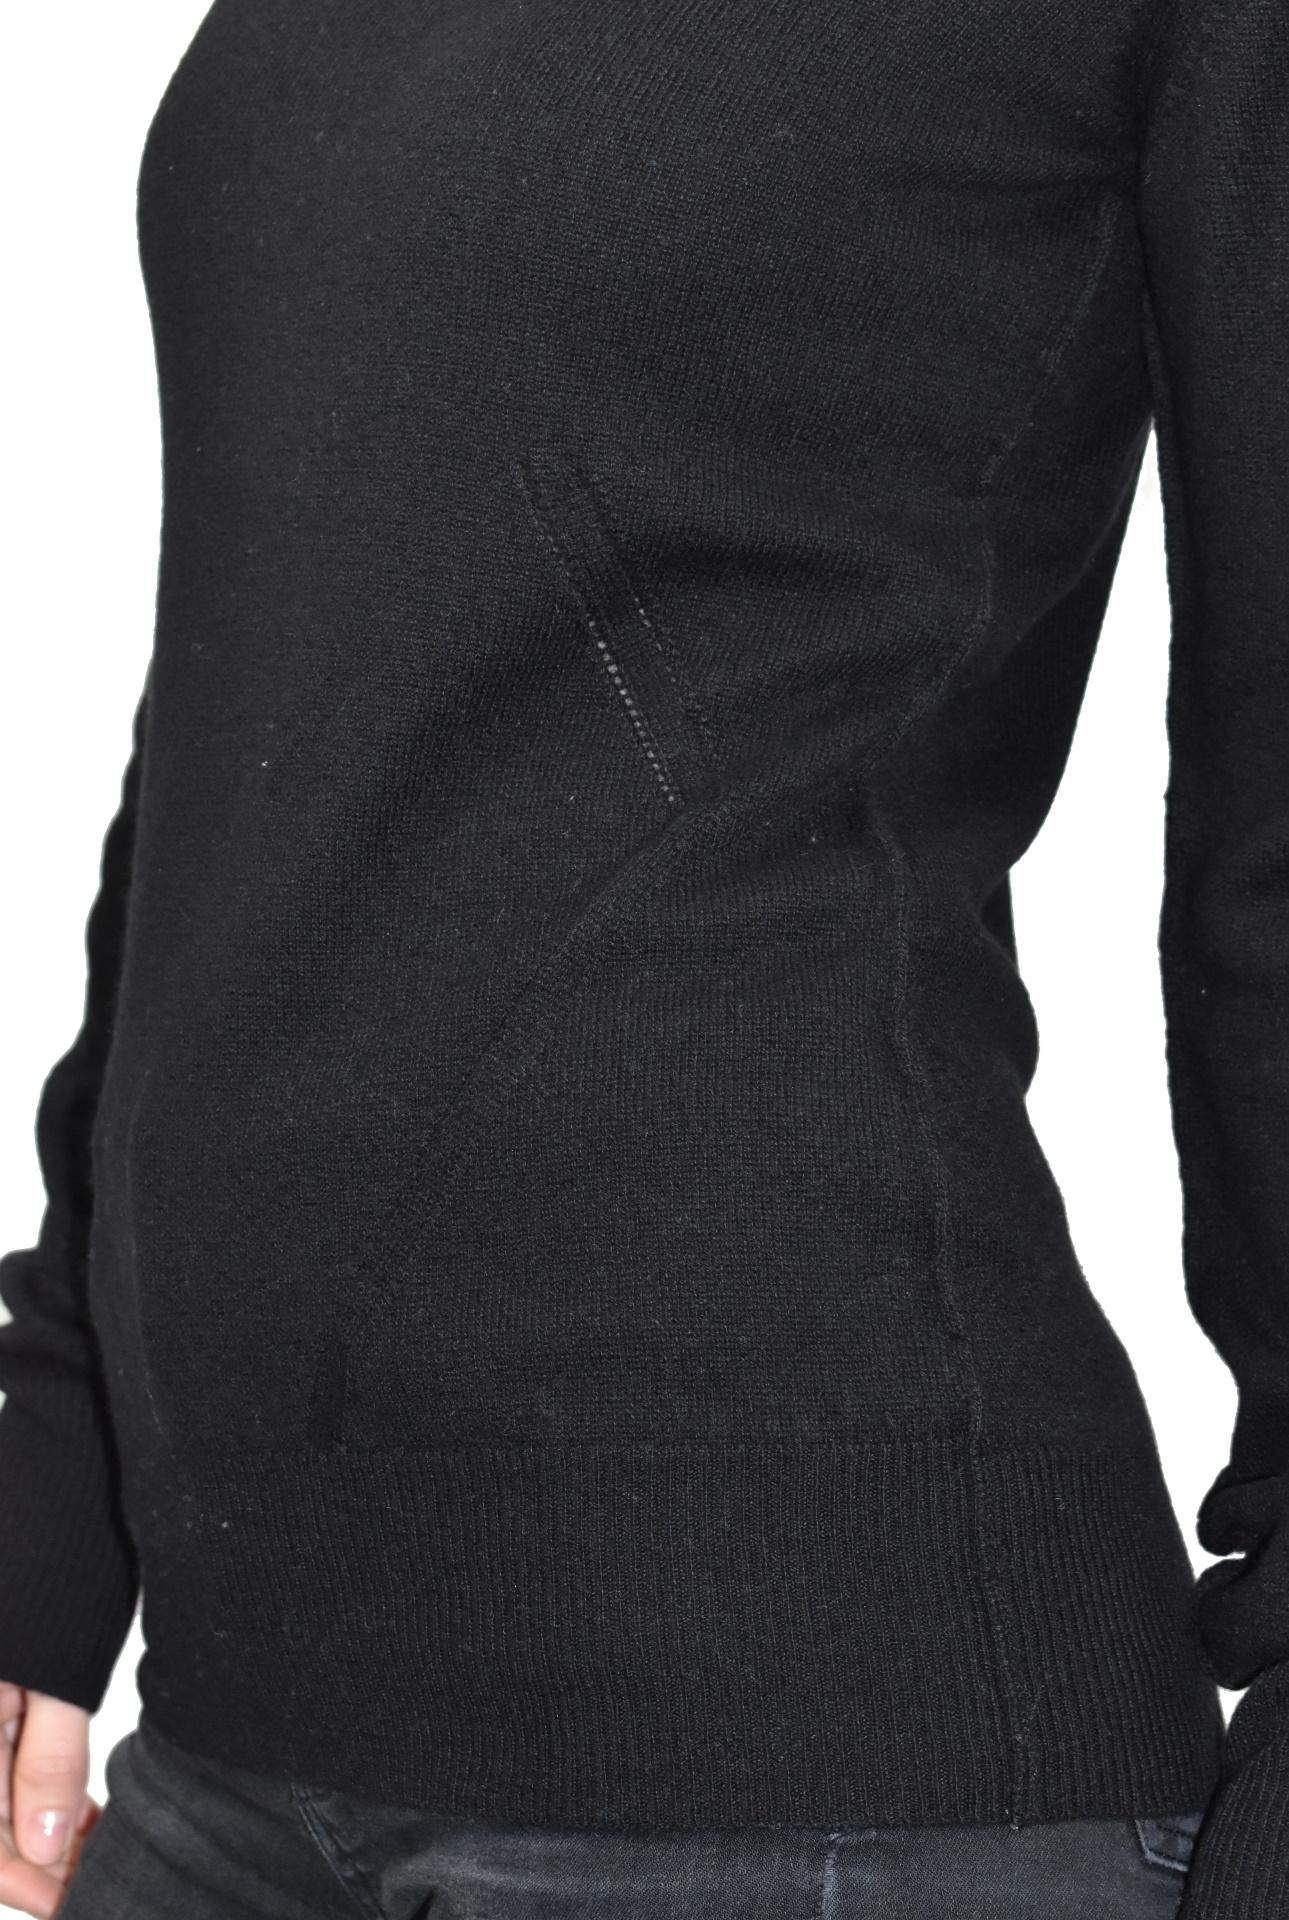 MAVISMBA NERO MAGLIA DONNA GIROCOLLO 100 CASHMERE MANICA LUNGA 4 1stAmerican maglia girocollo 100% puro cashmere Made in Italy da donna con lavorazione traforata - finezza 12